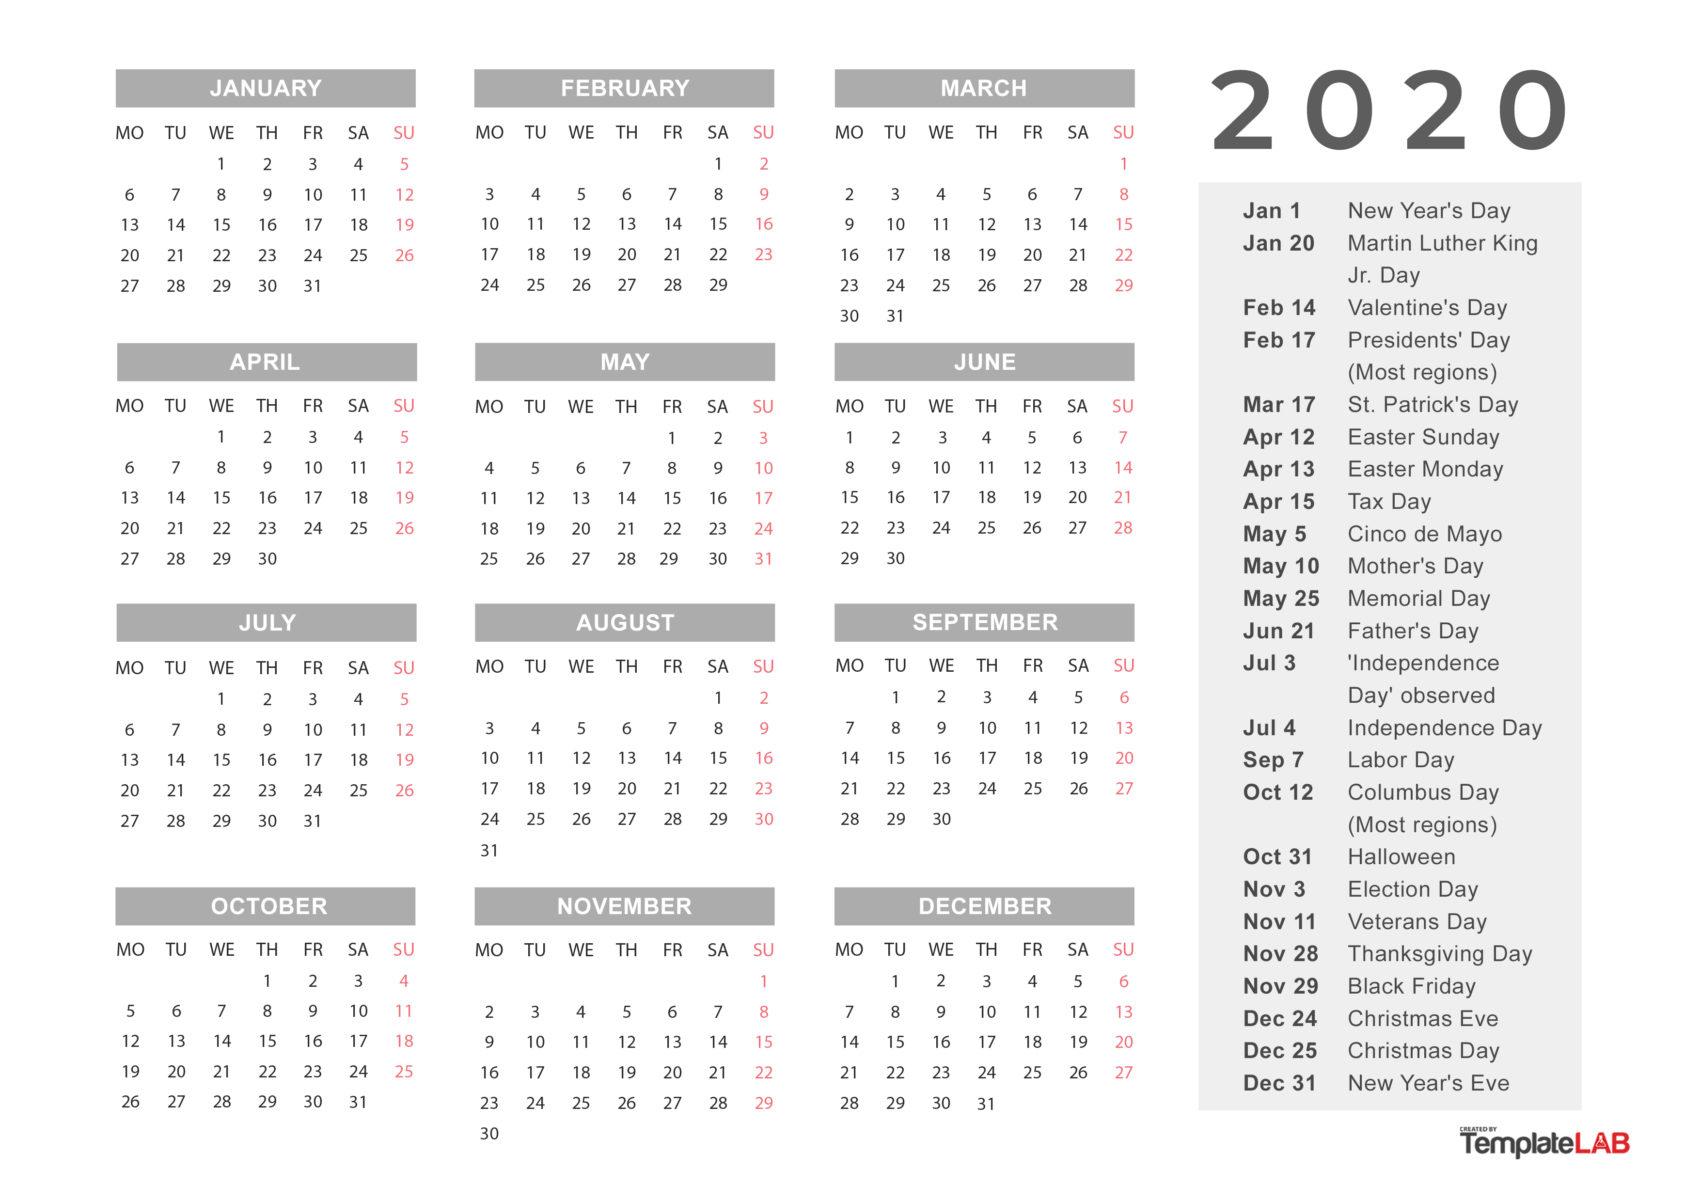 Free Holidays Calendar - 2020 - 1